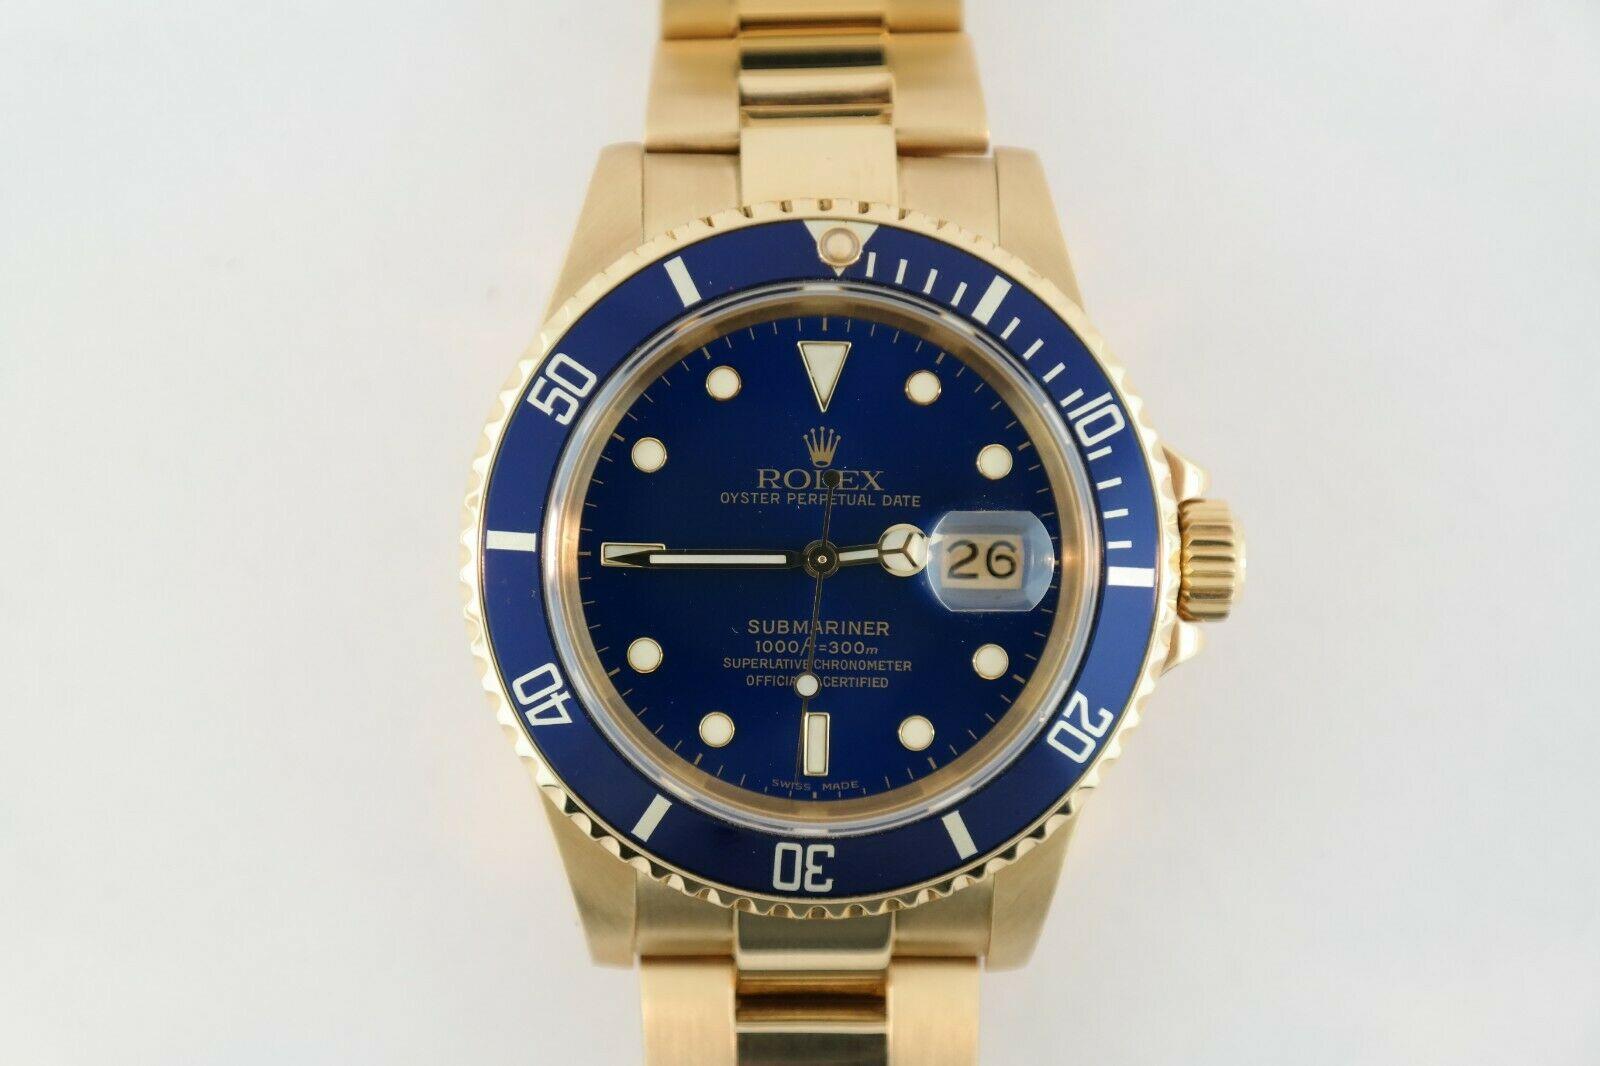 Rolex Submariner 16808